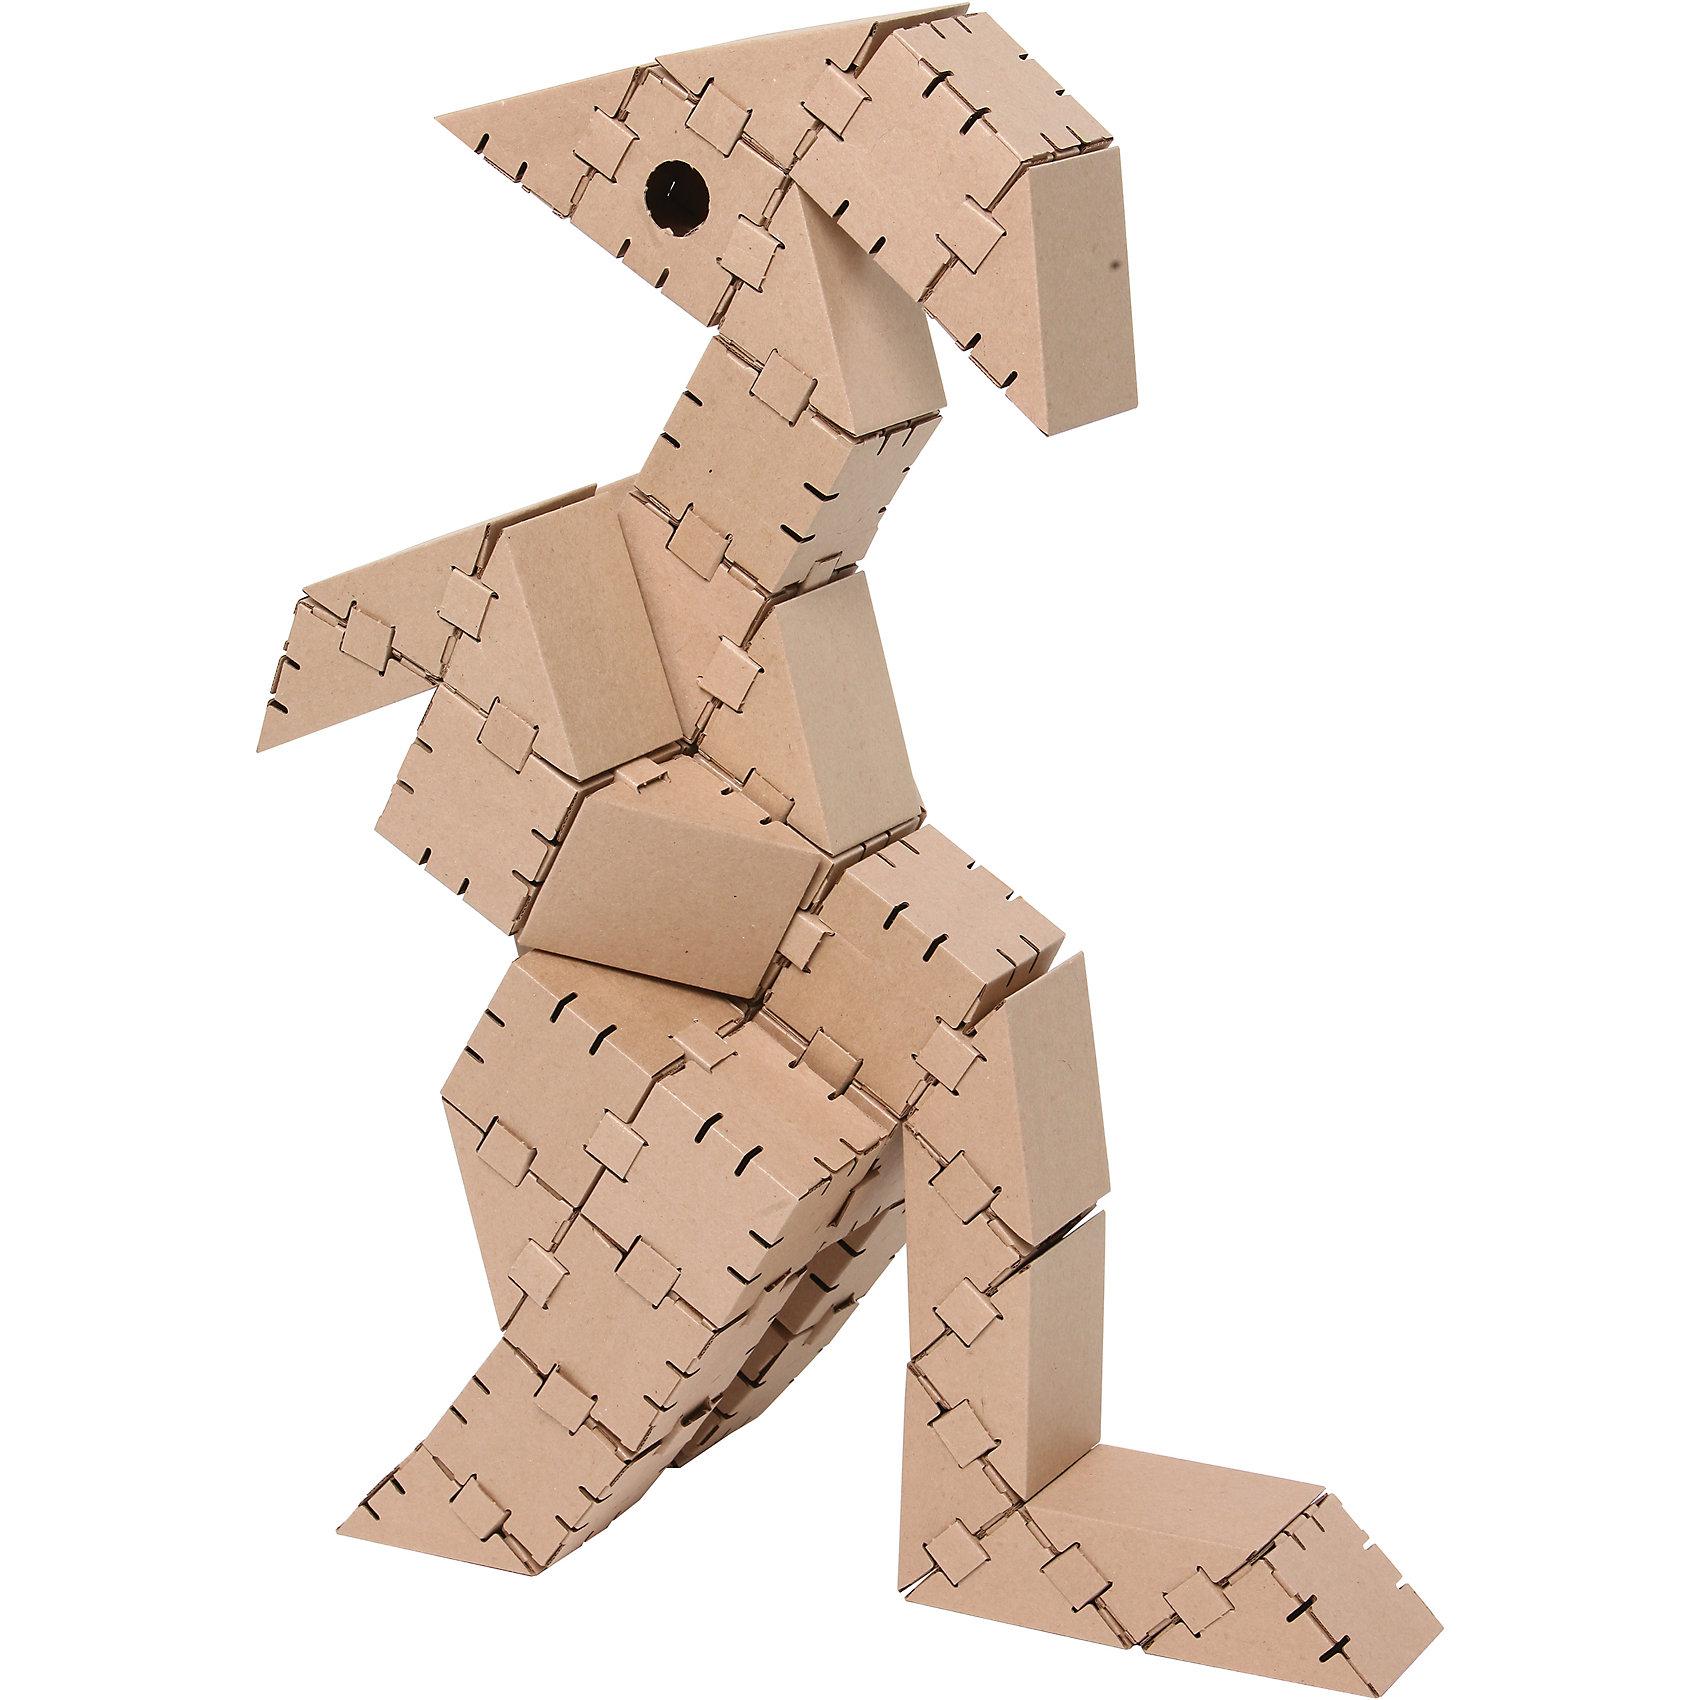 Картонный конструктор